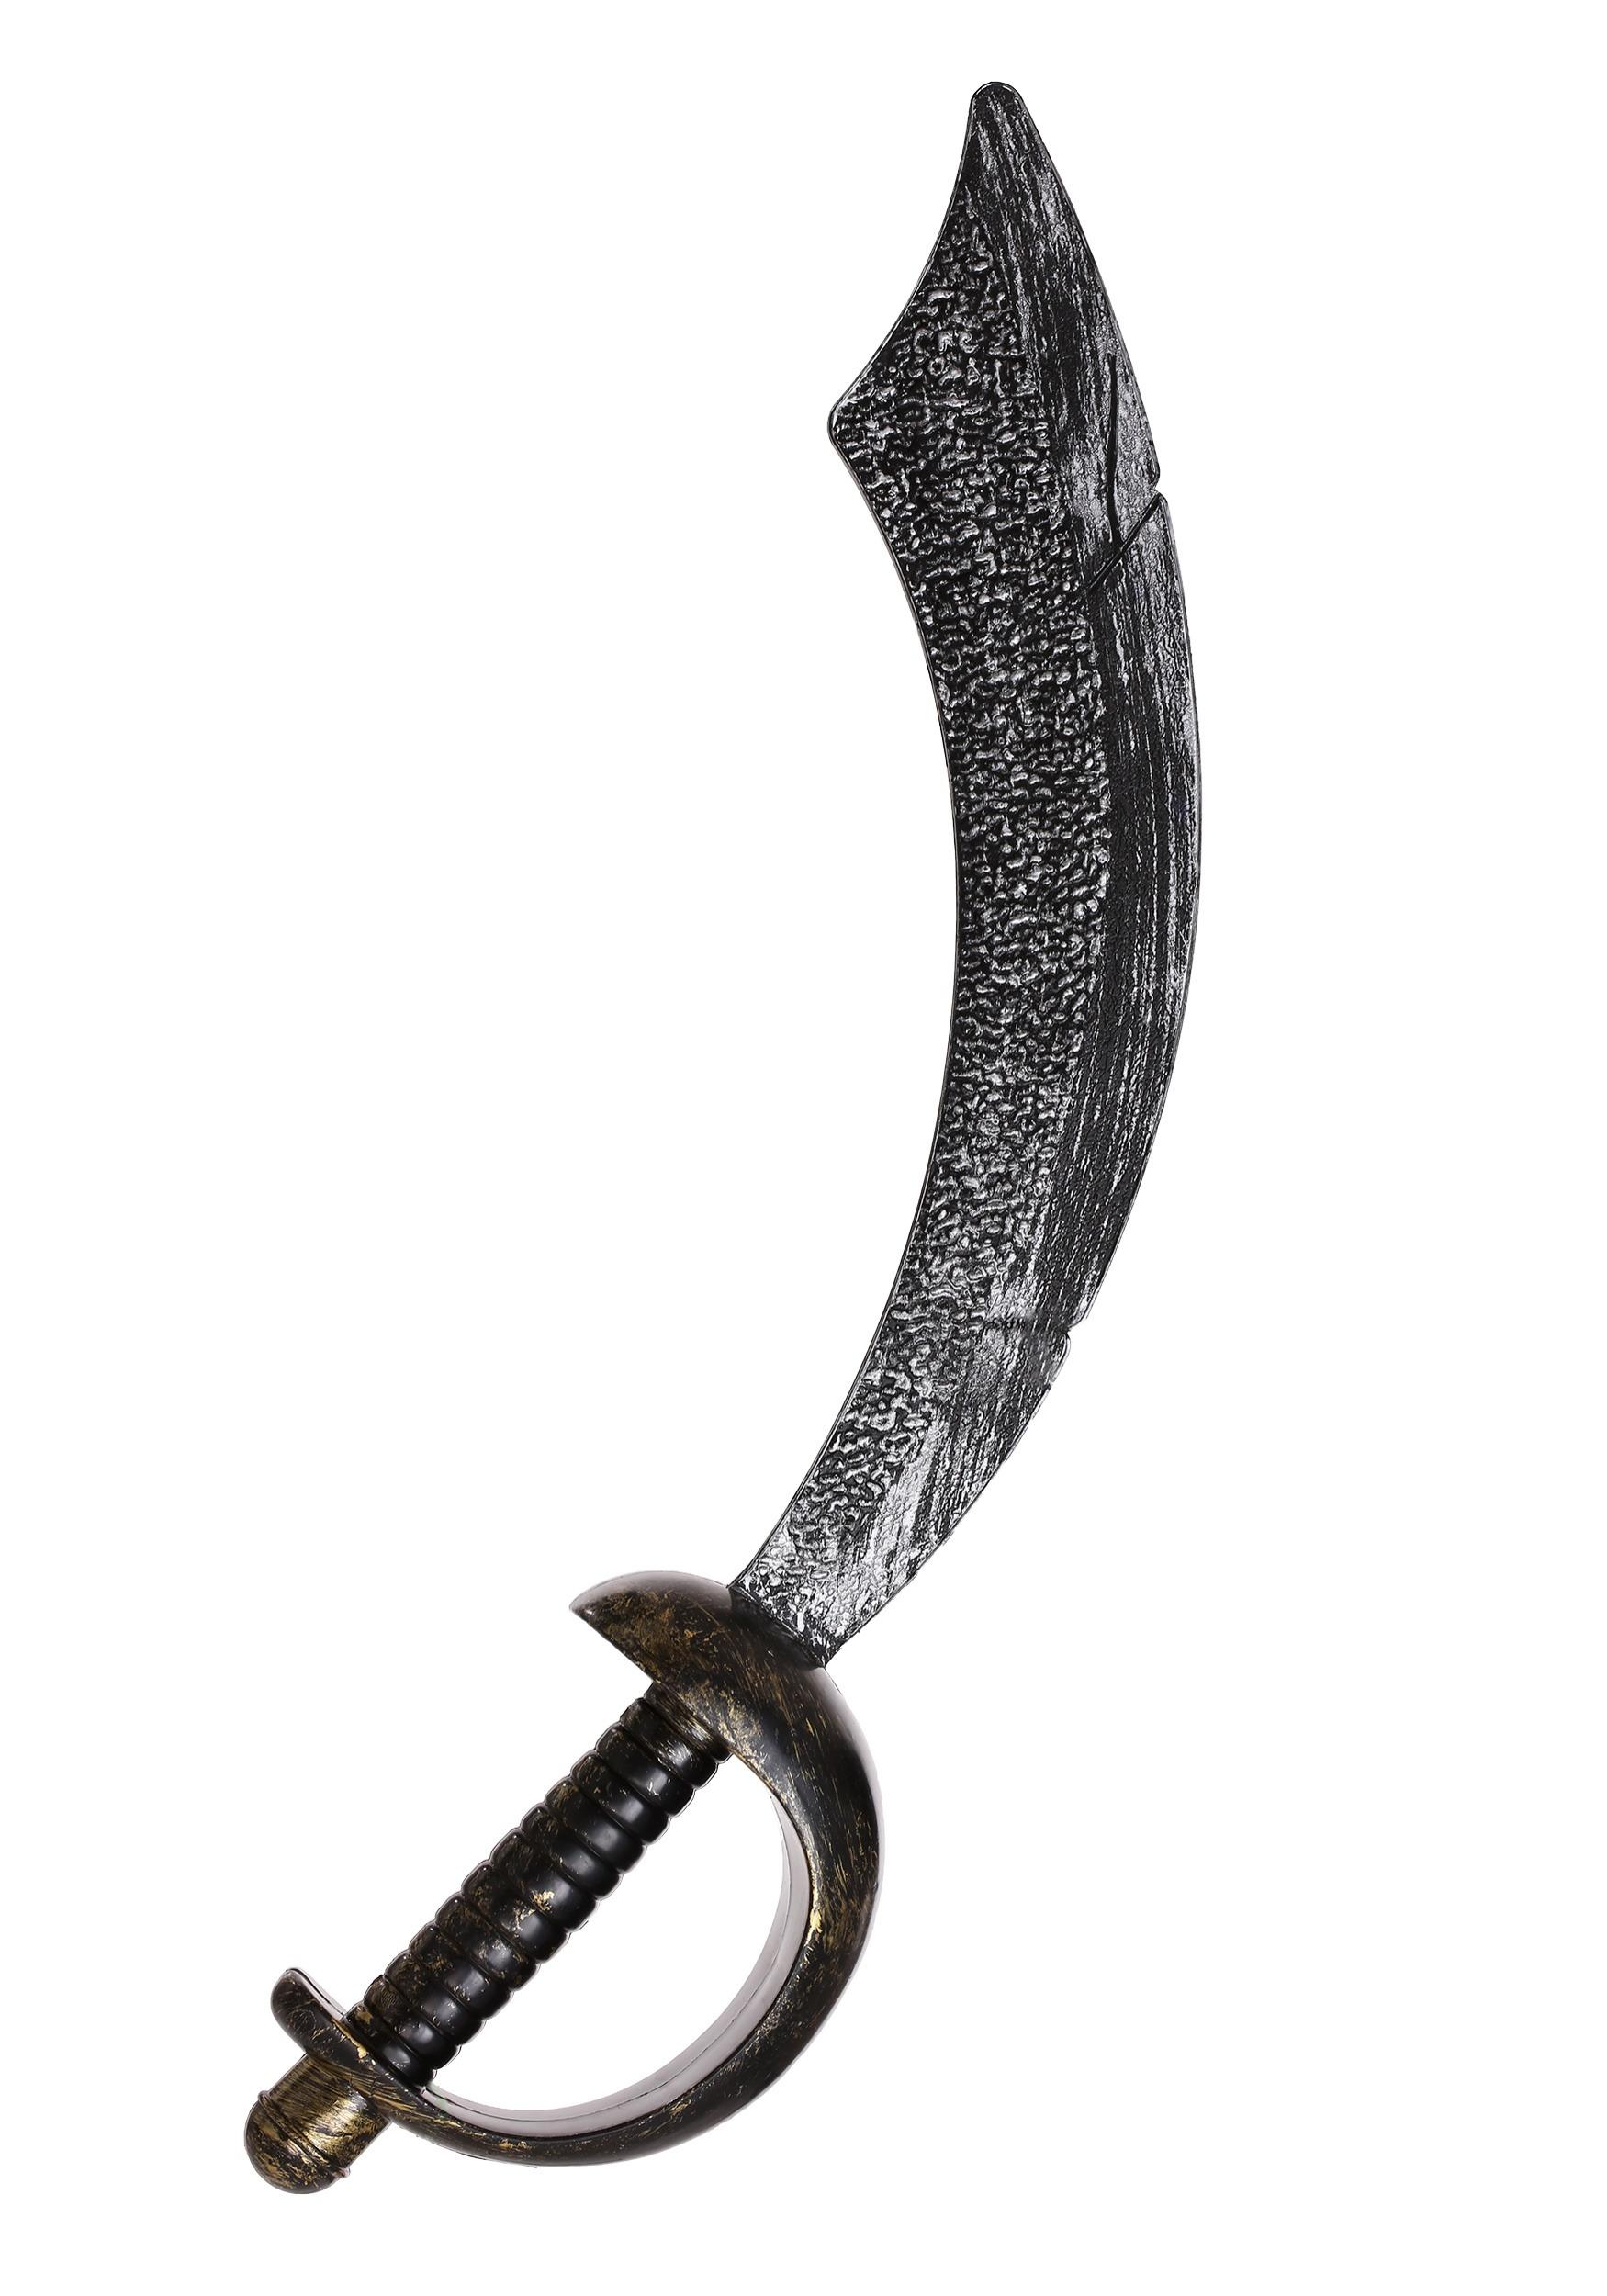 cutlass sword wallpaper - photo #35